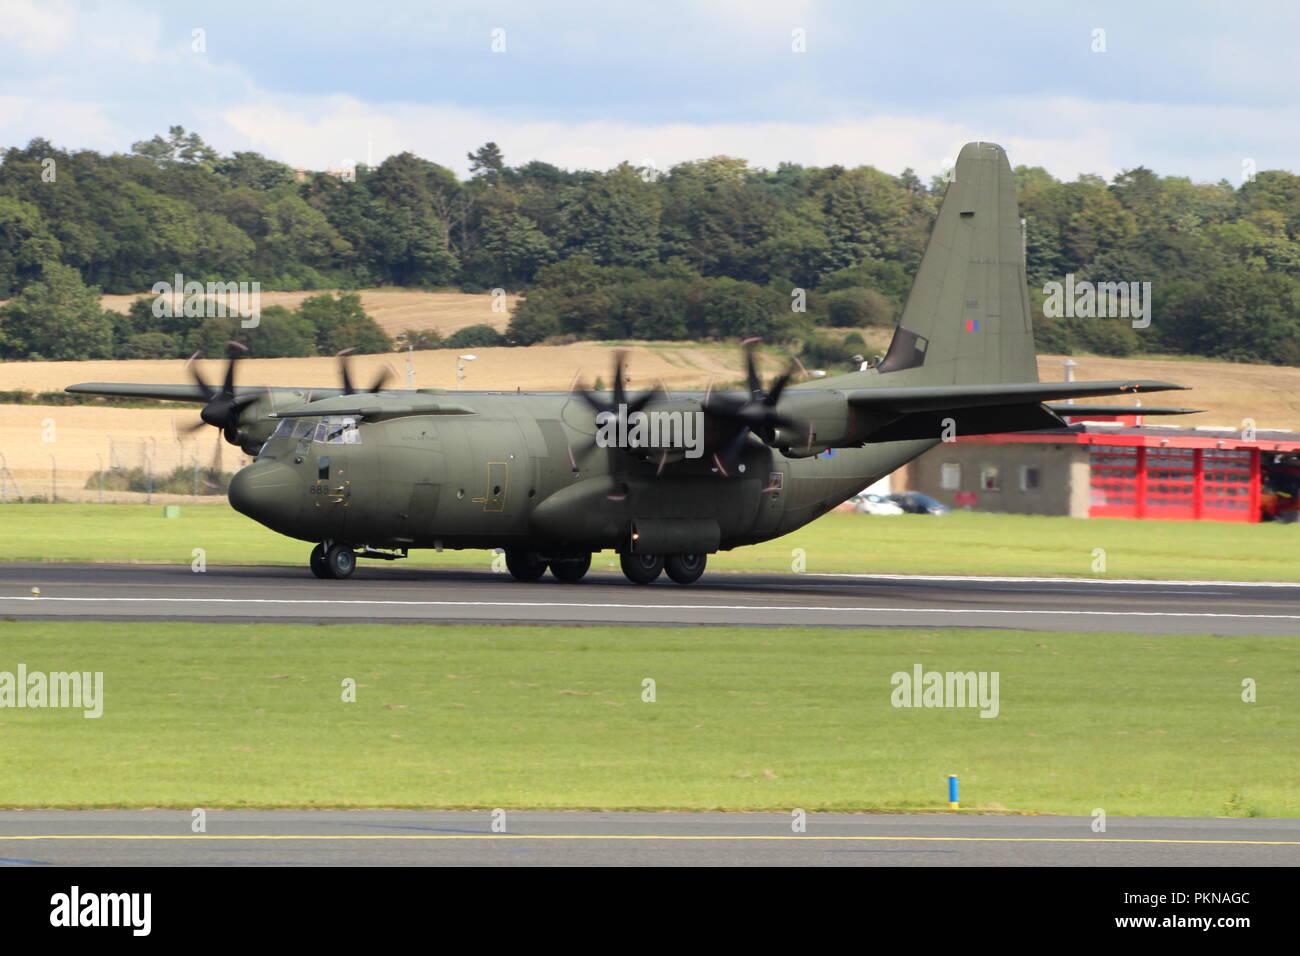 Lockheed Martin C 130 Hercules Stock Photos & Lockheed